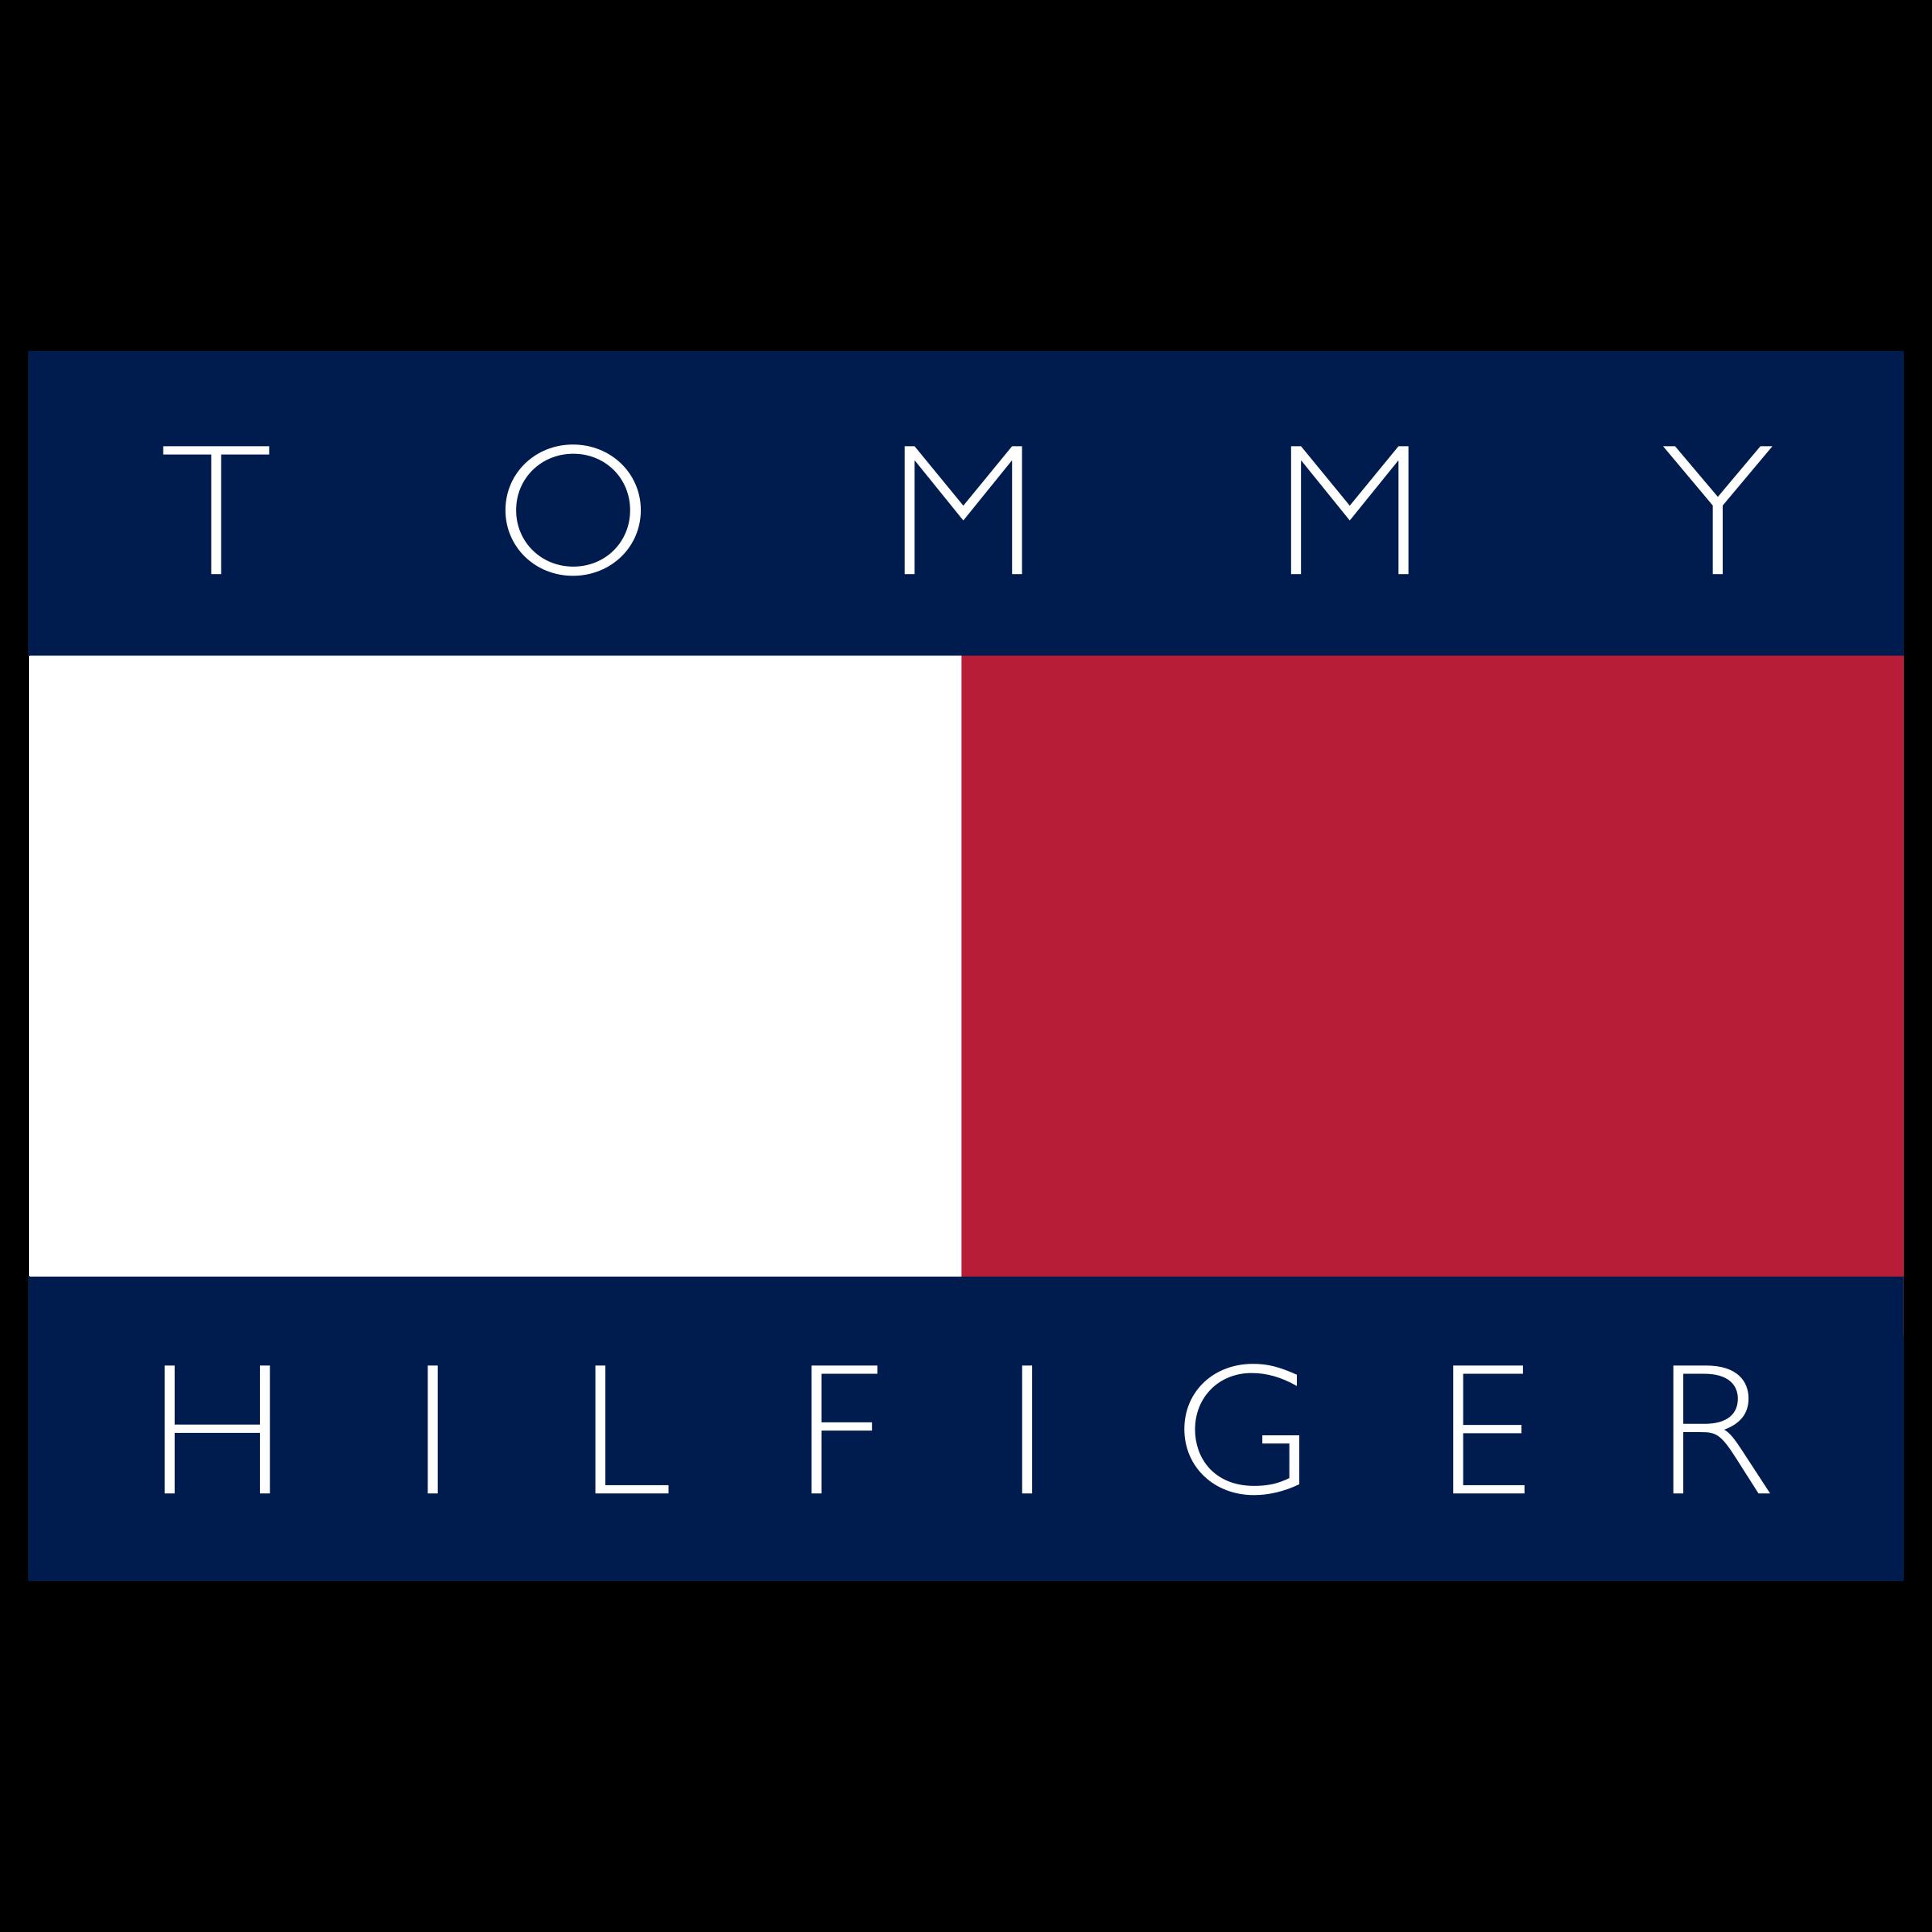 tommy-hilfiger-3-logo-png-transparent.png